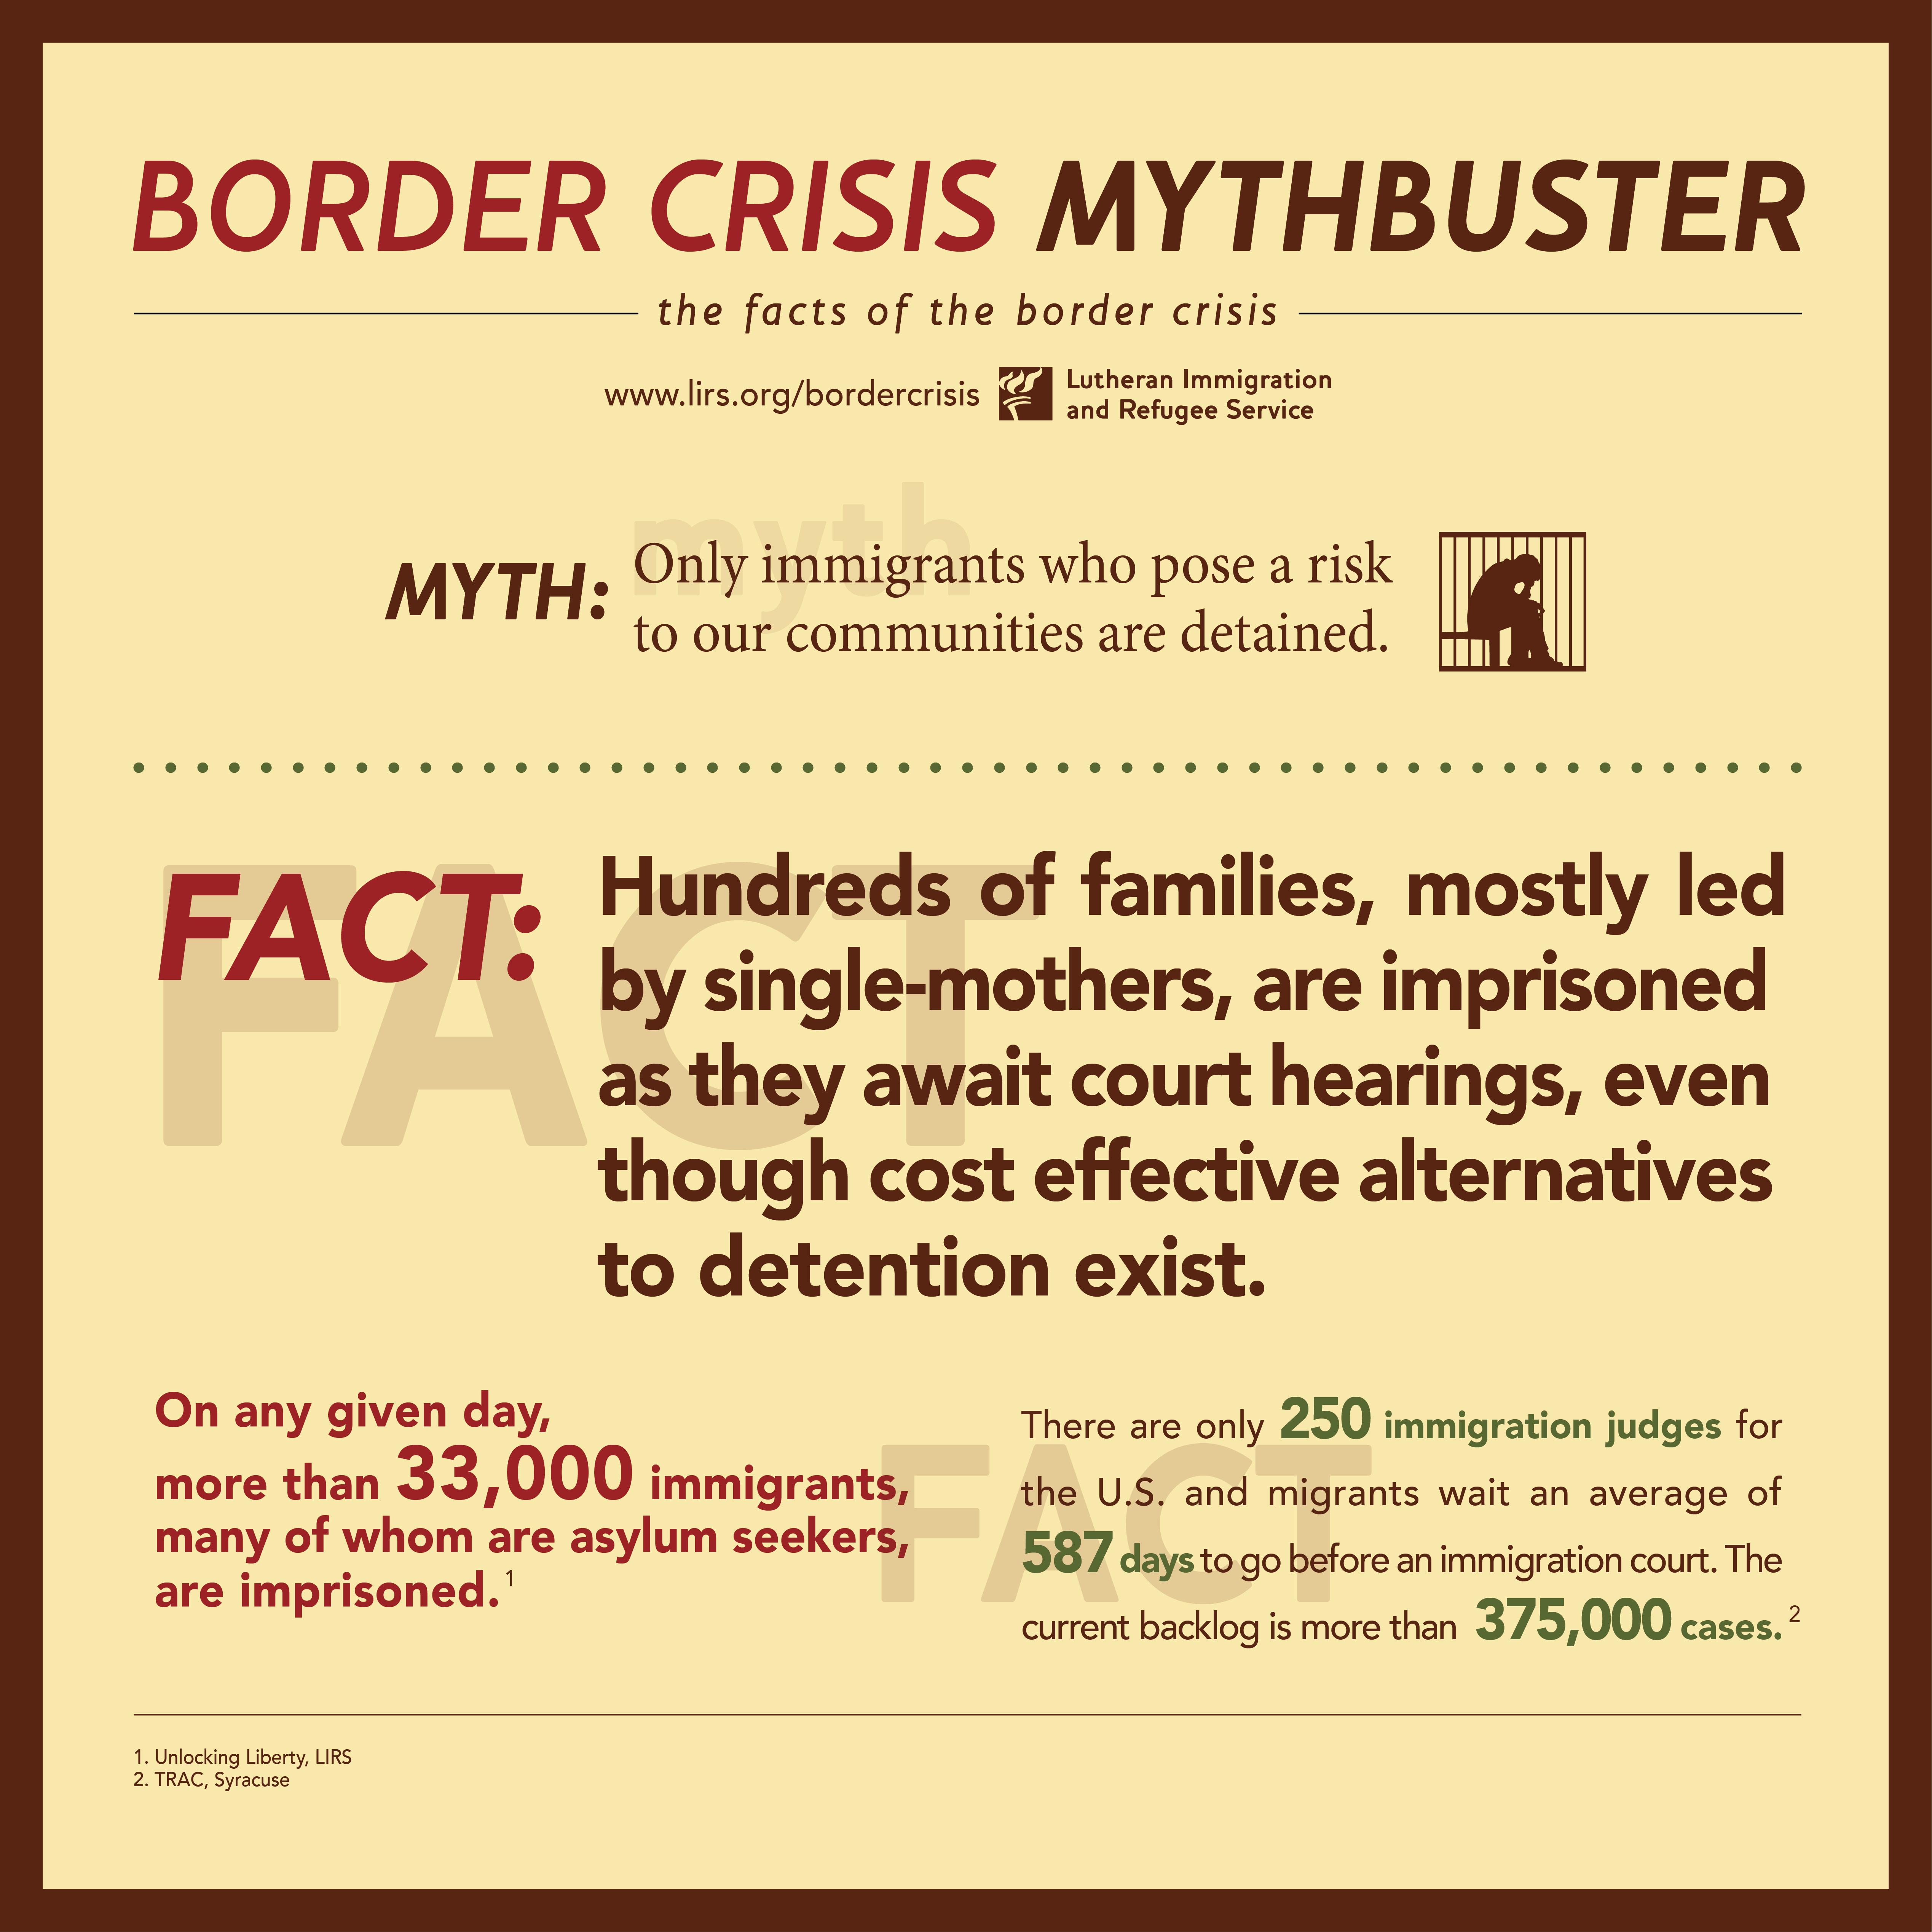 Mythbuster_border_crisis_1200x1200-03